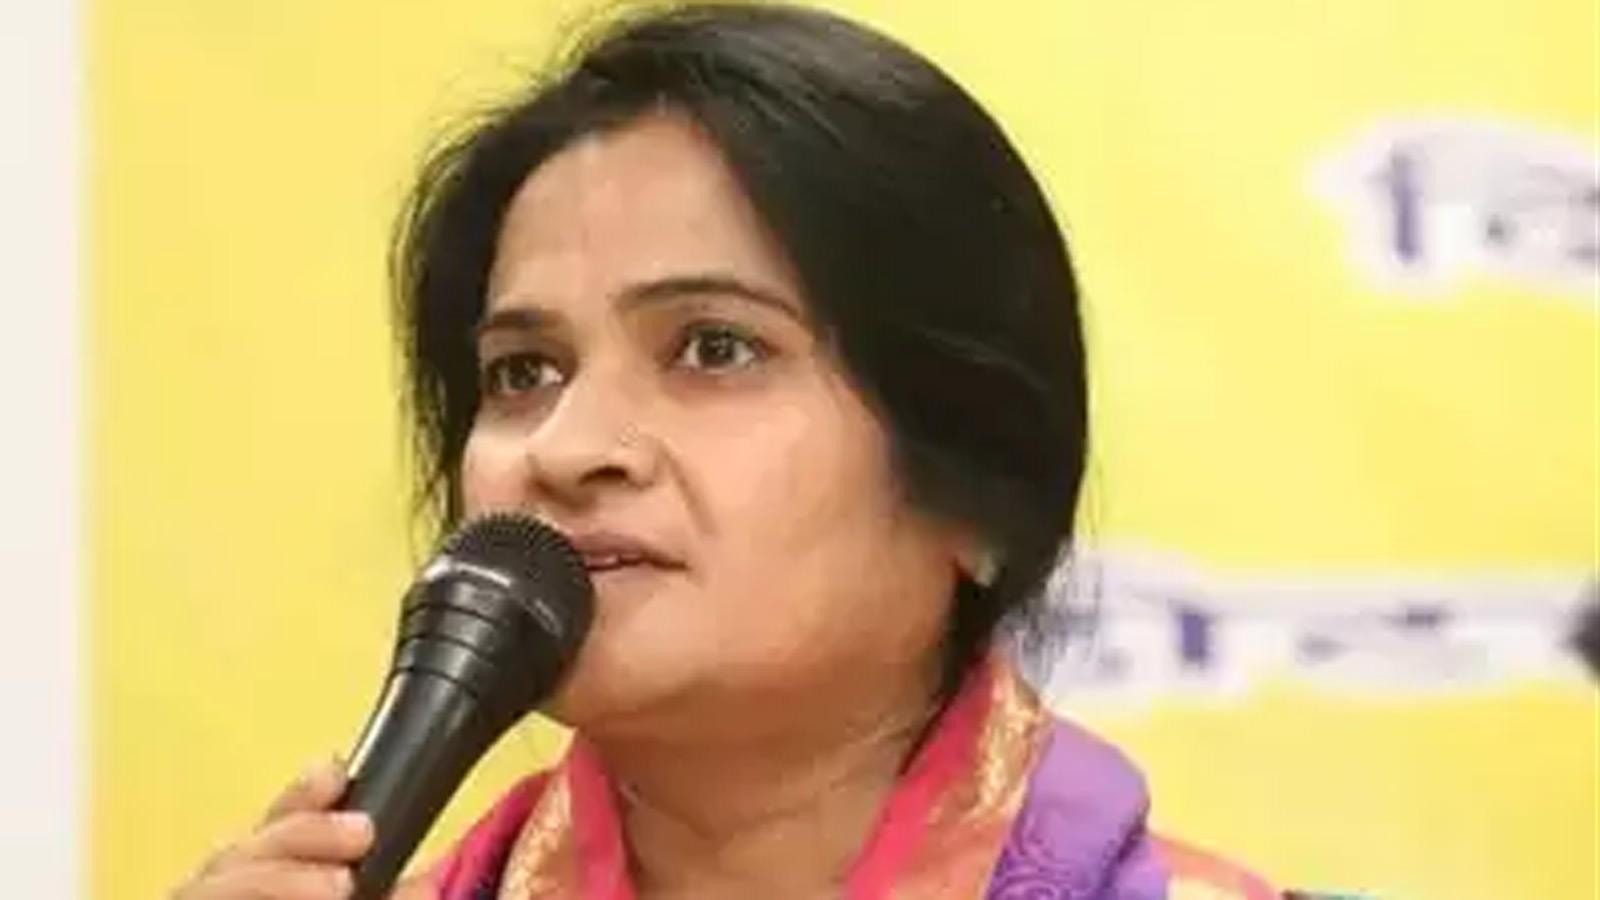 darvesh-yadav-murder-sc-to-hear-plea-for-cbi-inquiry-into-the-case